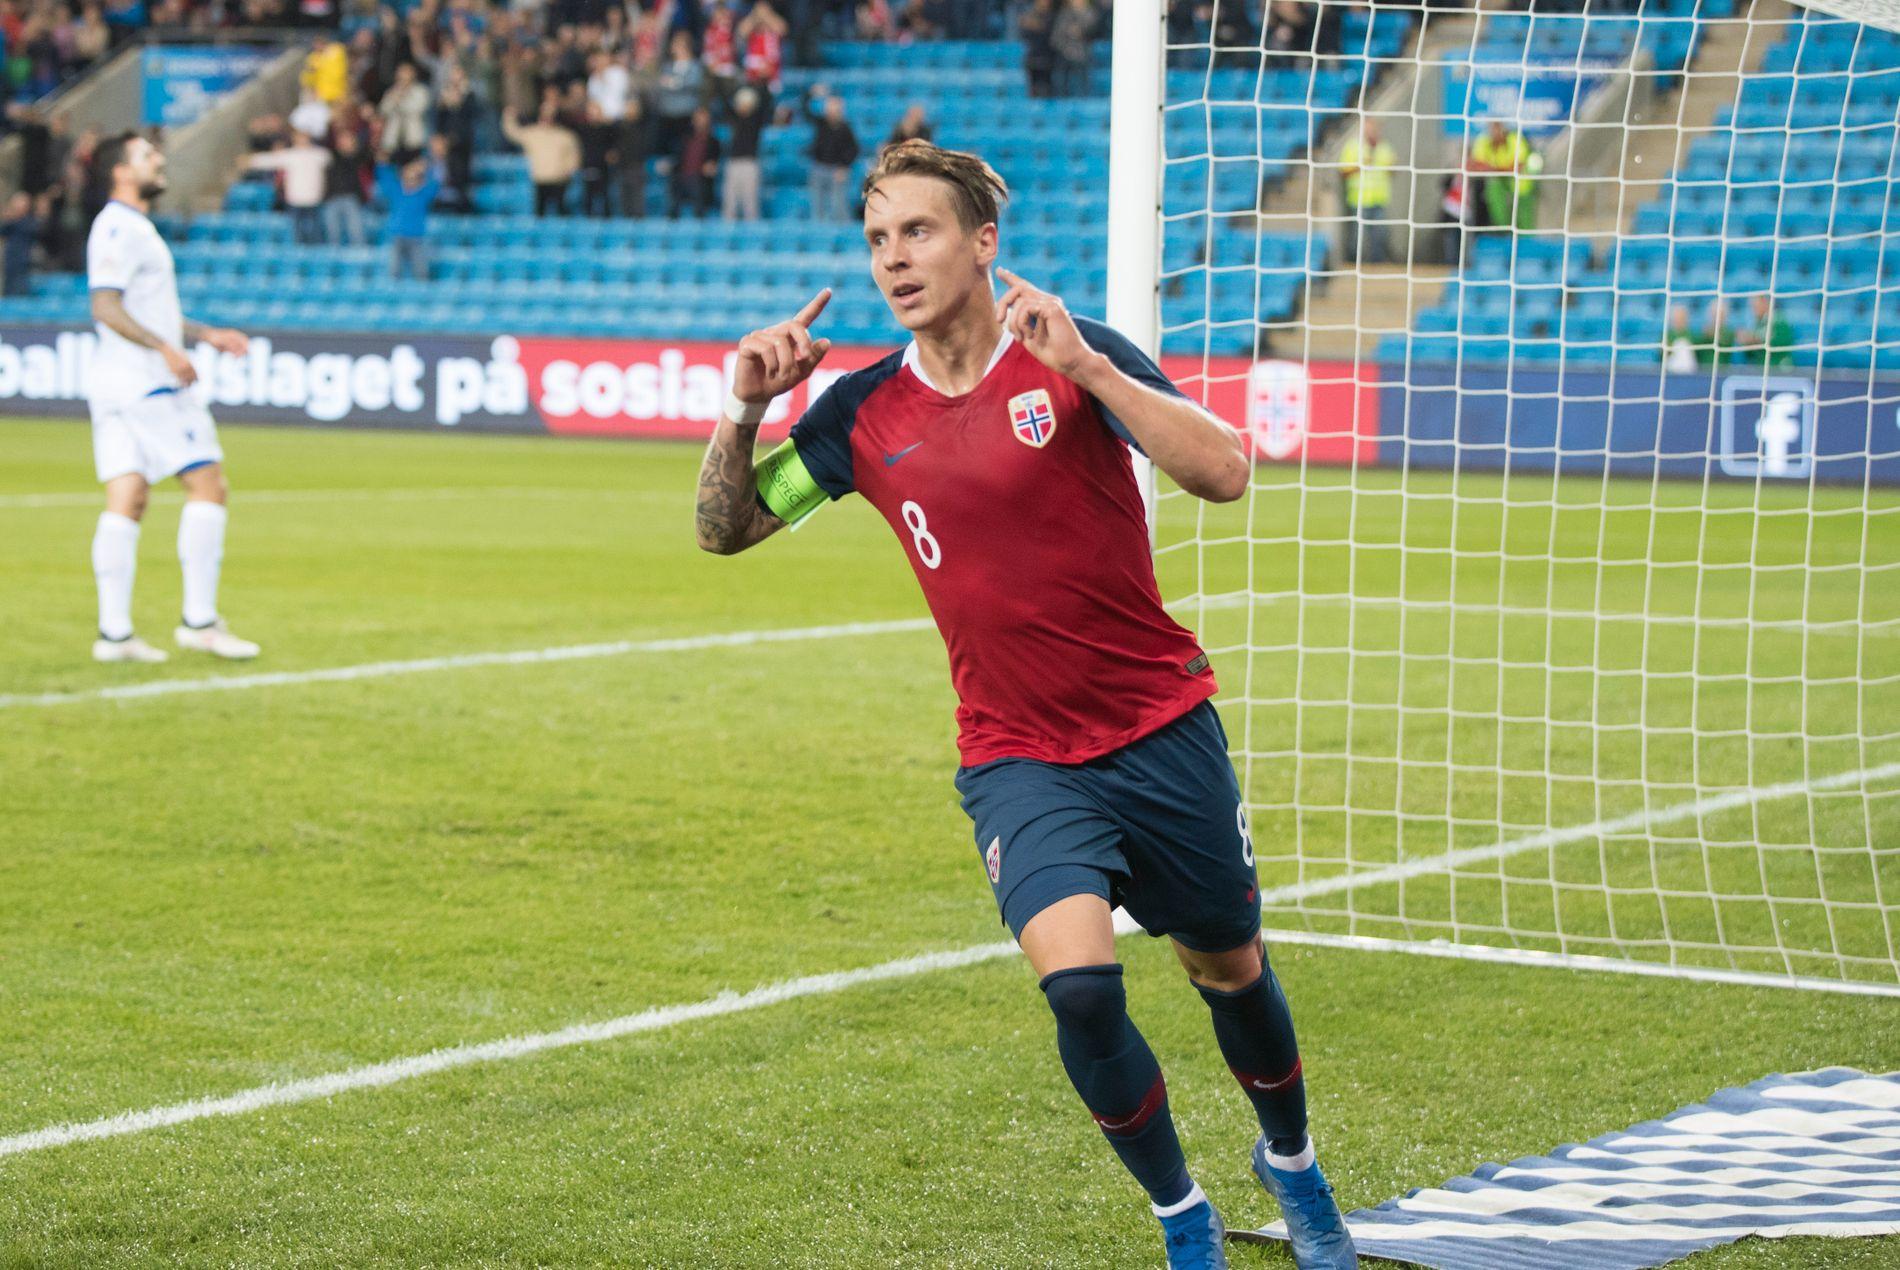 MARKERTE: Tomålsscorer og kaptein, Stefan Johansen, mot Kypros på Ullevaal torsdag kveld.